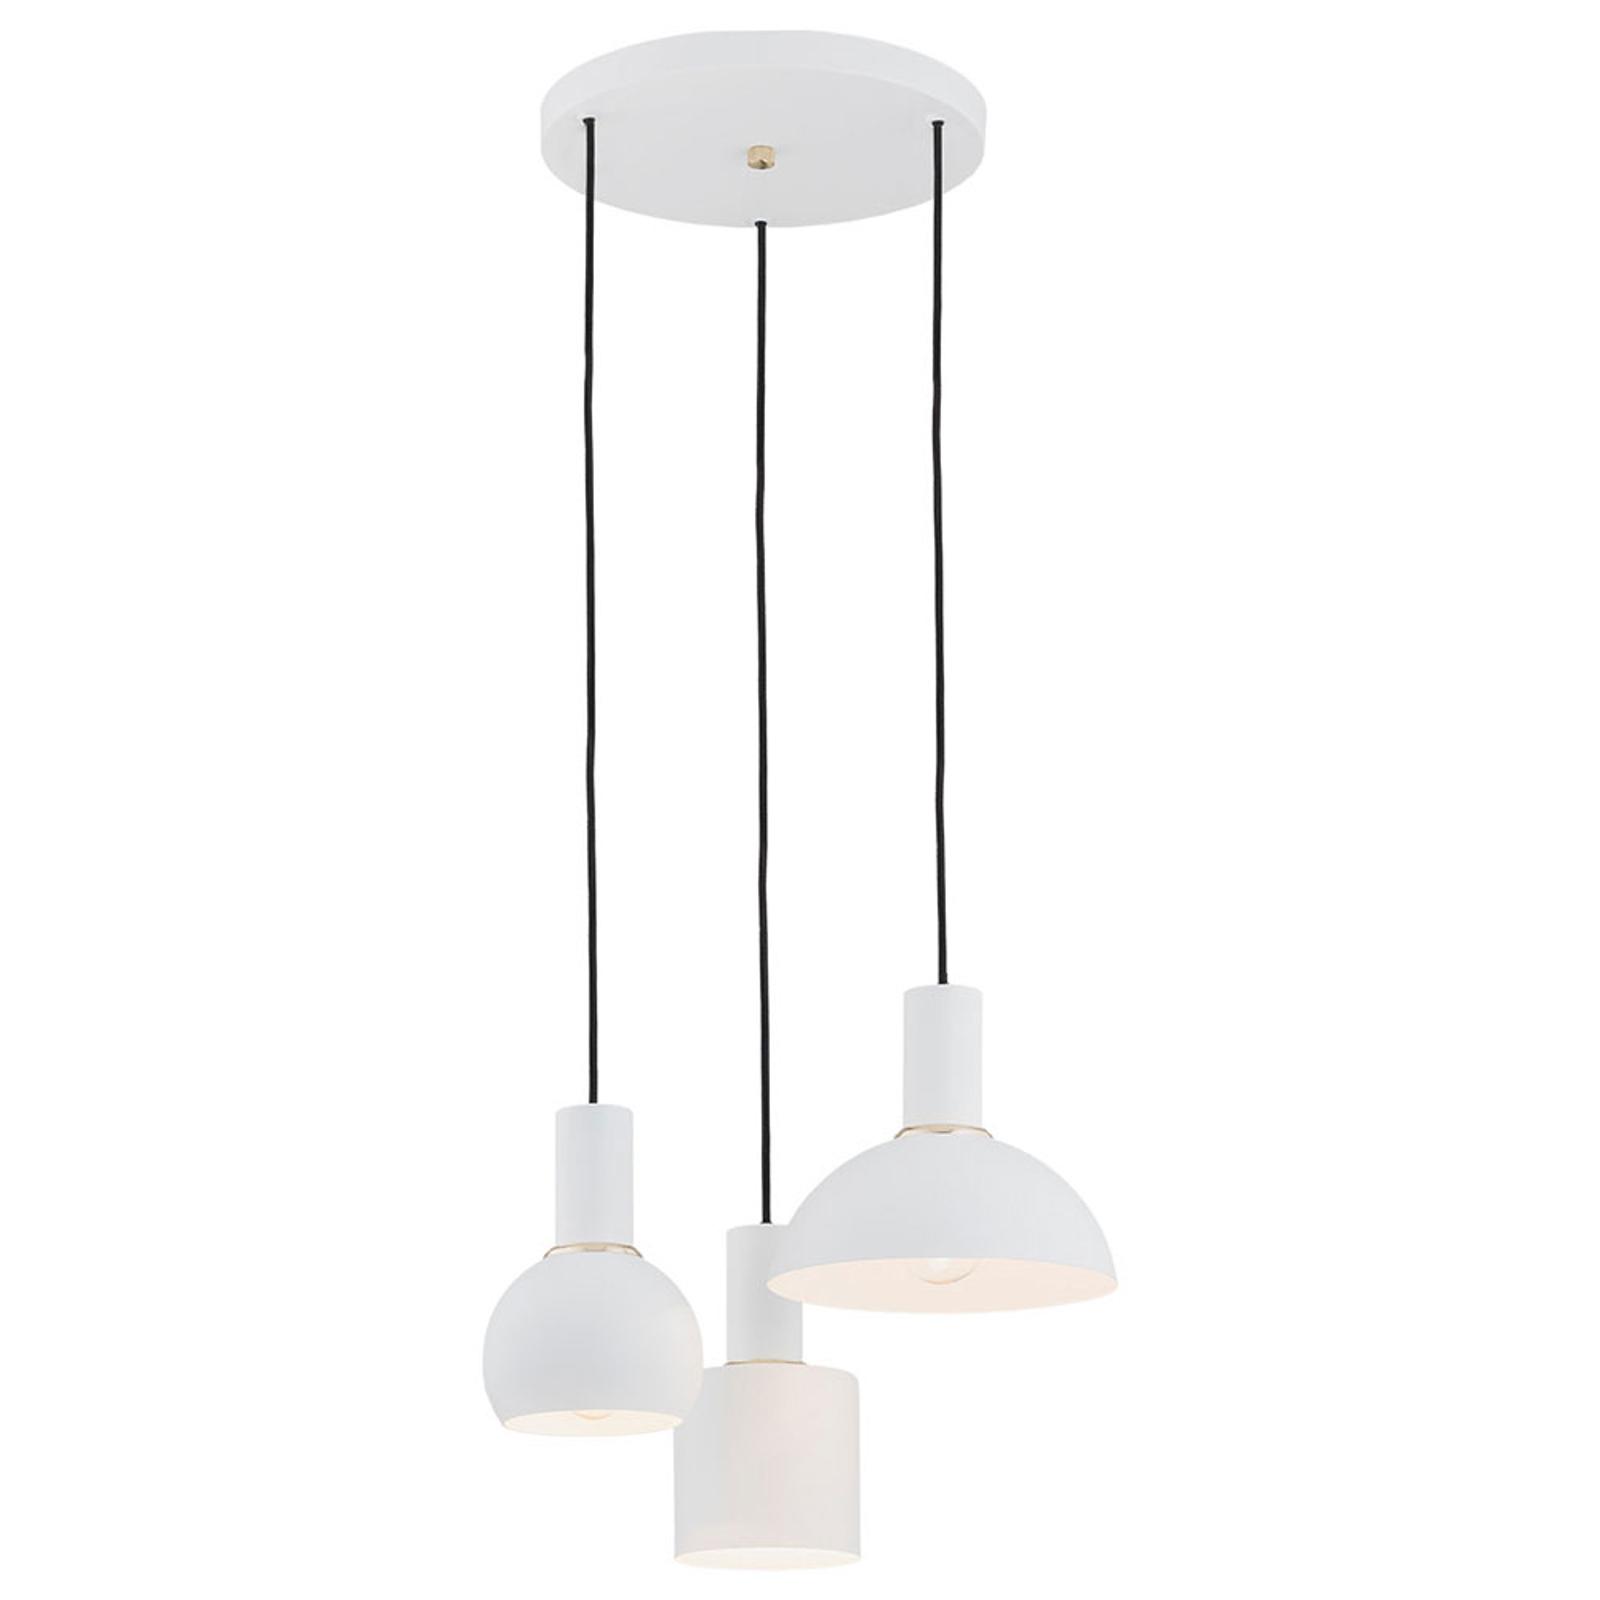 Lampa wisząca Selma, 3-punktowa, biała